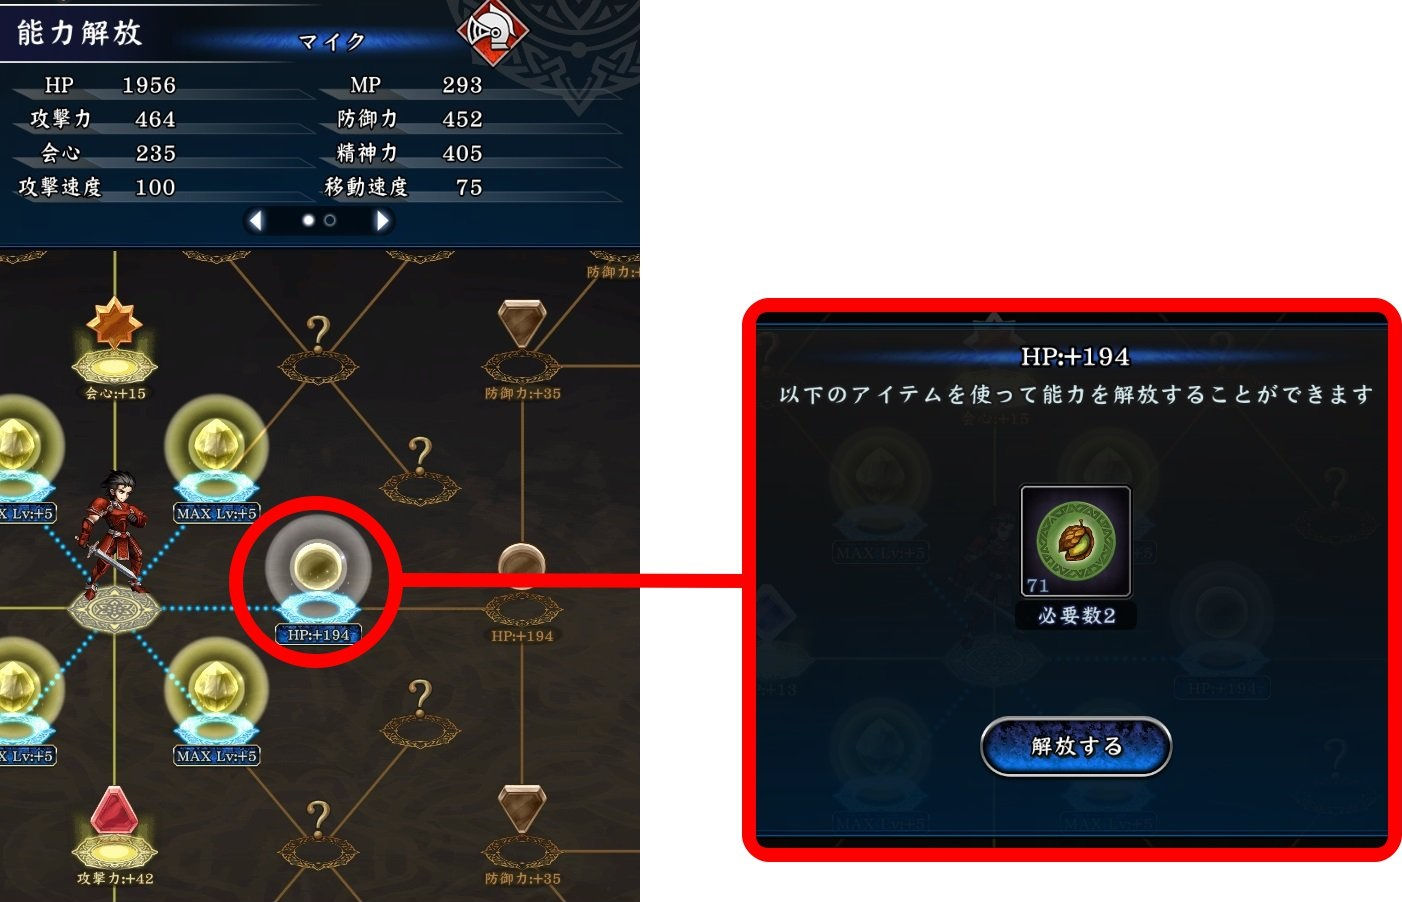 追憶の青【攻略】:序盤からできる効率的キャラクター育成法